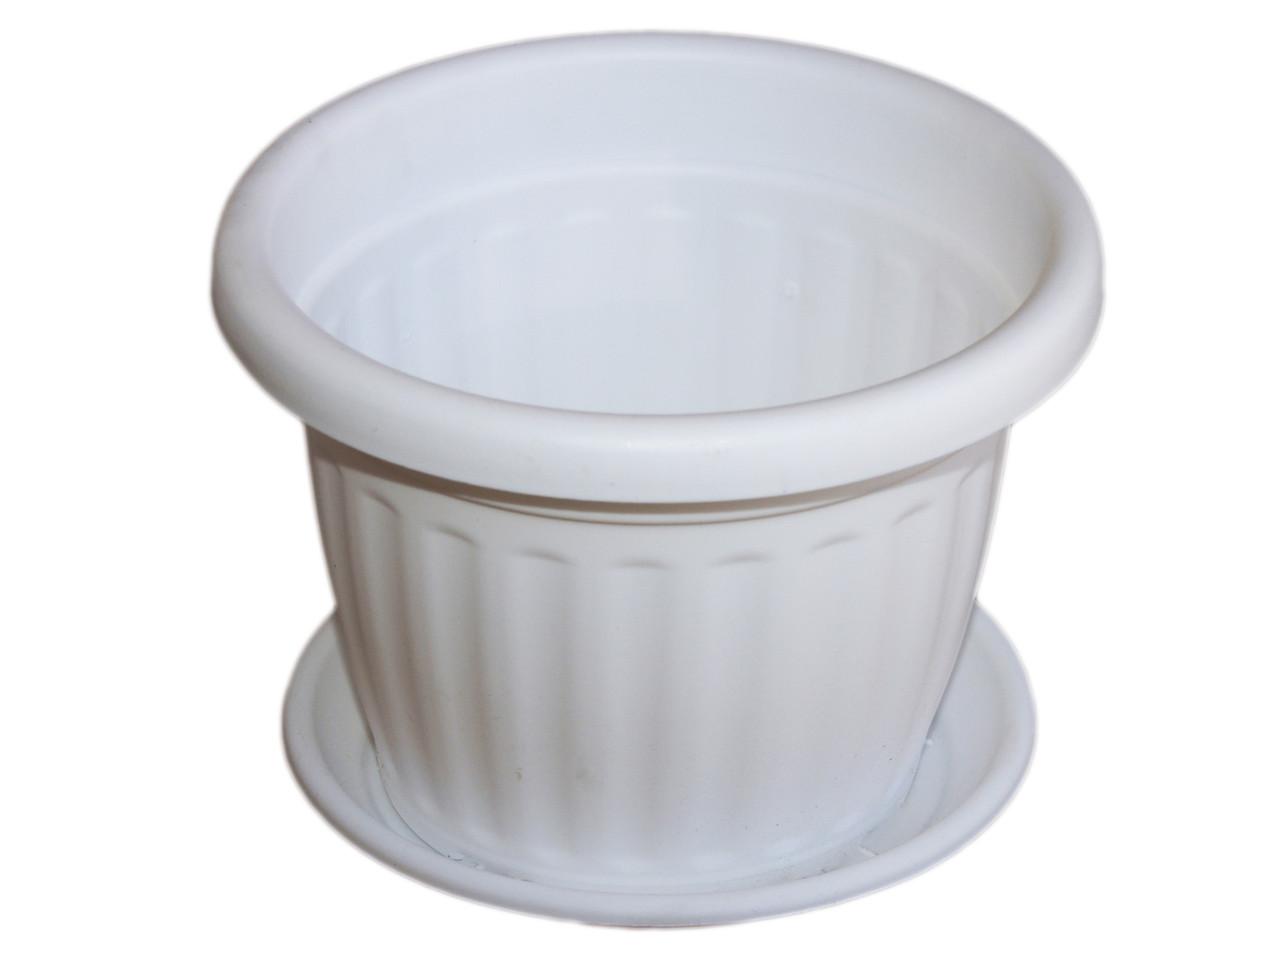 Вазон с подставкой Ø30 см. (белый) - MАRS.oрt в Закарпатской области